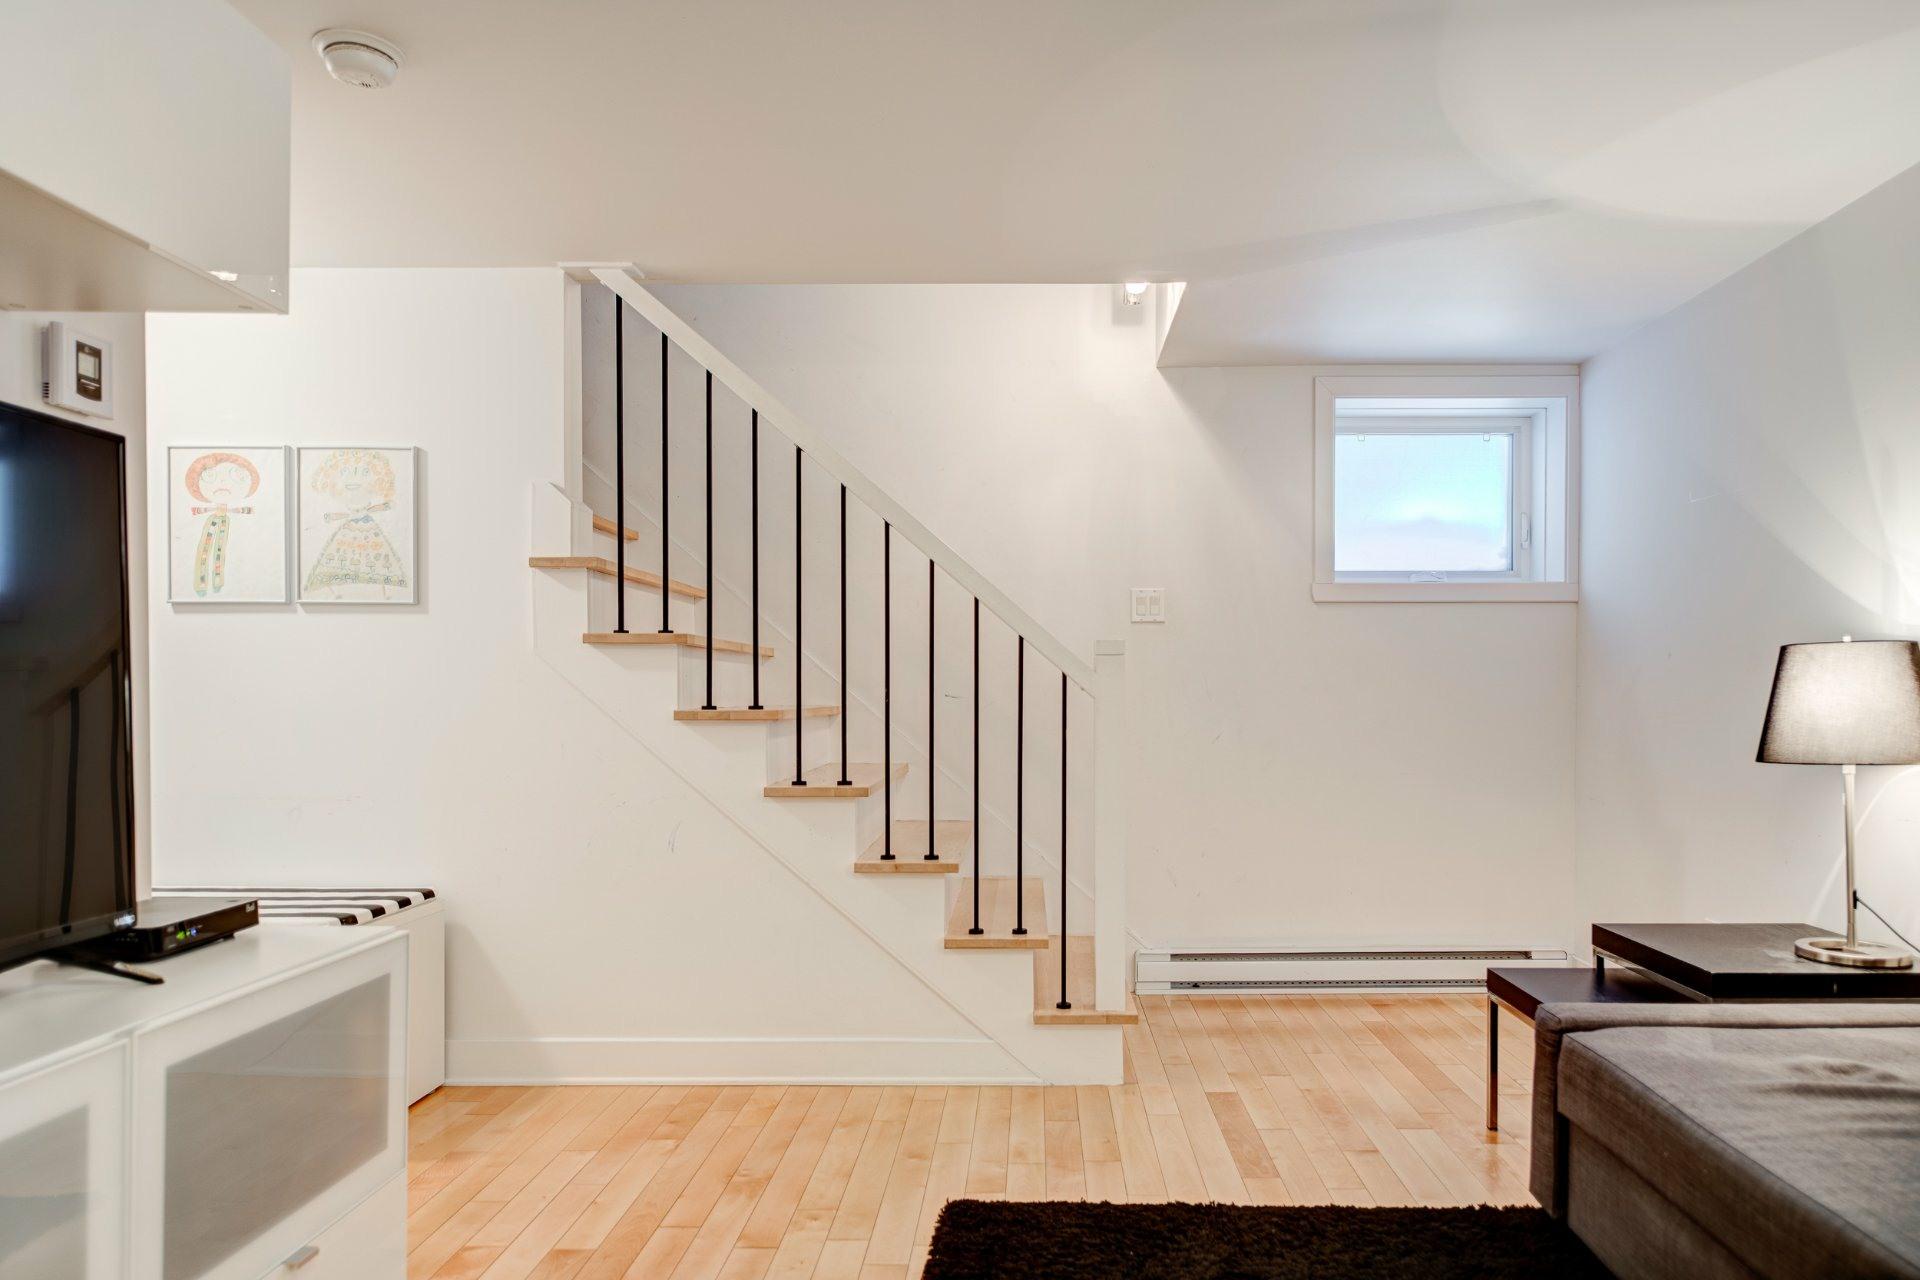 image 16 - Appartement À vendre Rosemont/La Petite-Patrie Montréal  - 6 pièces